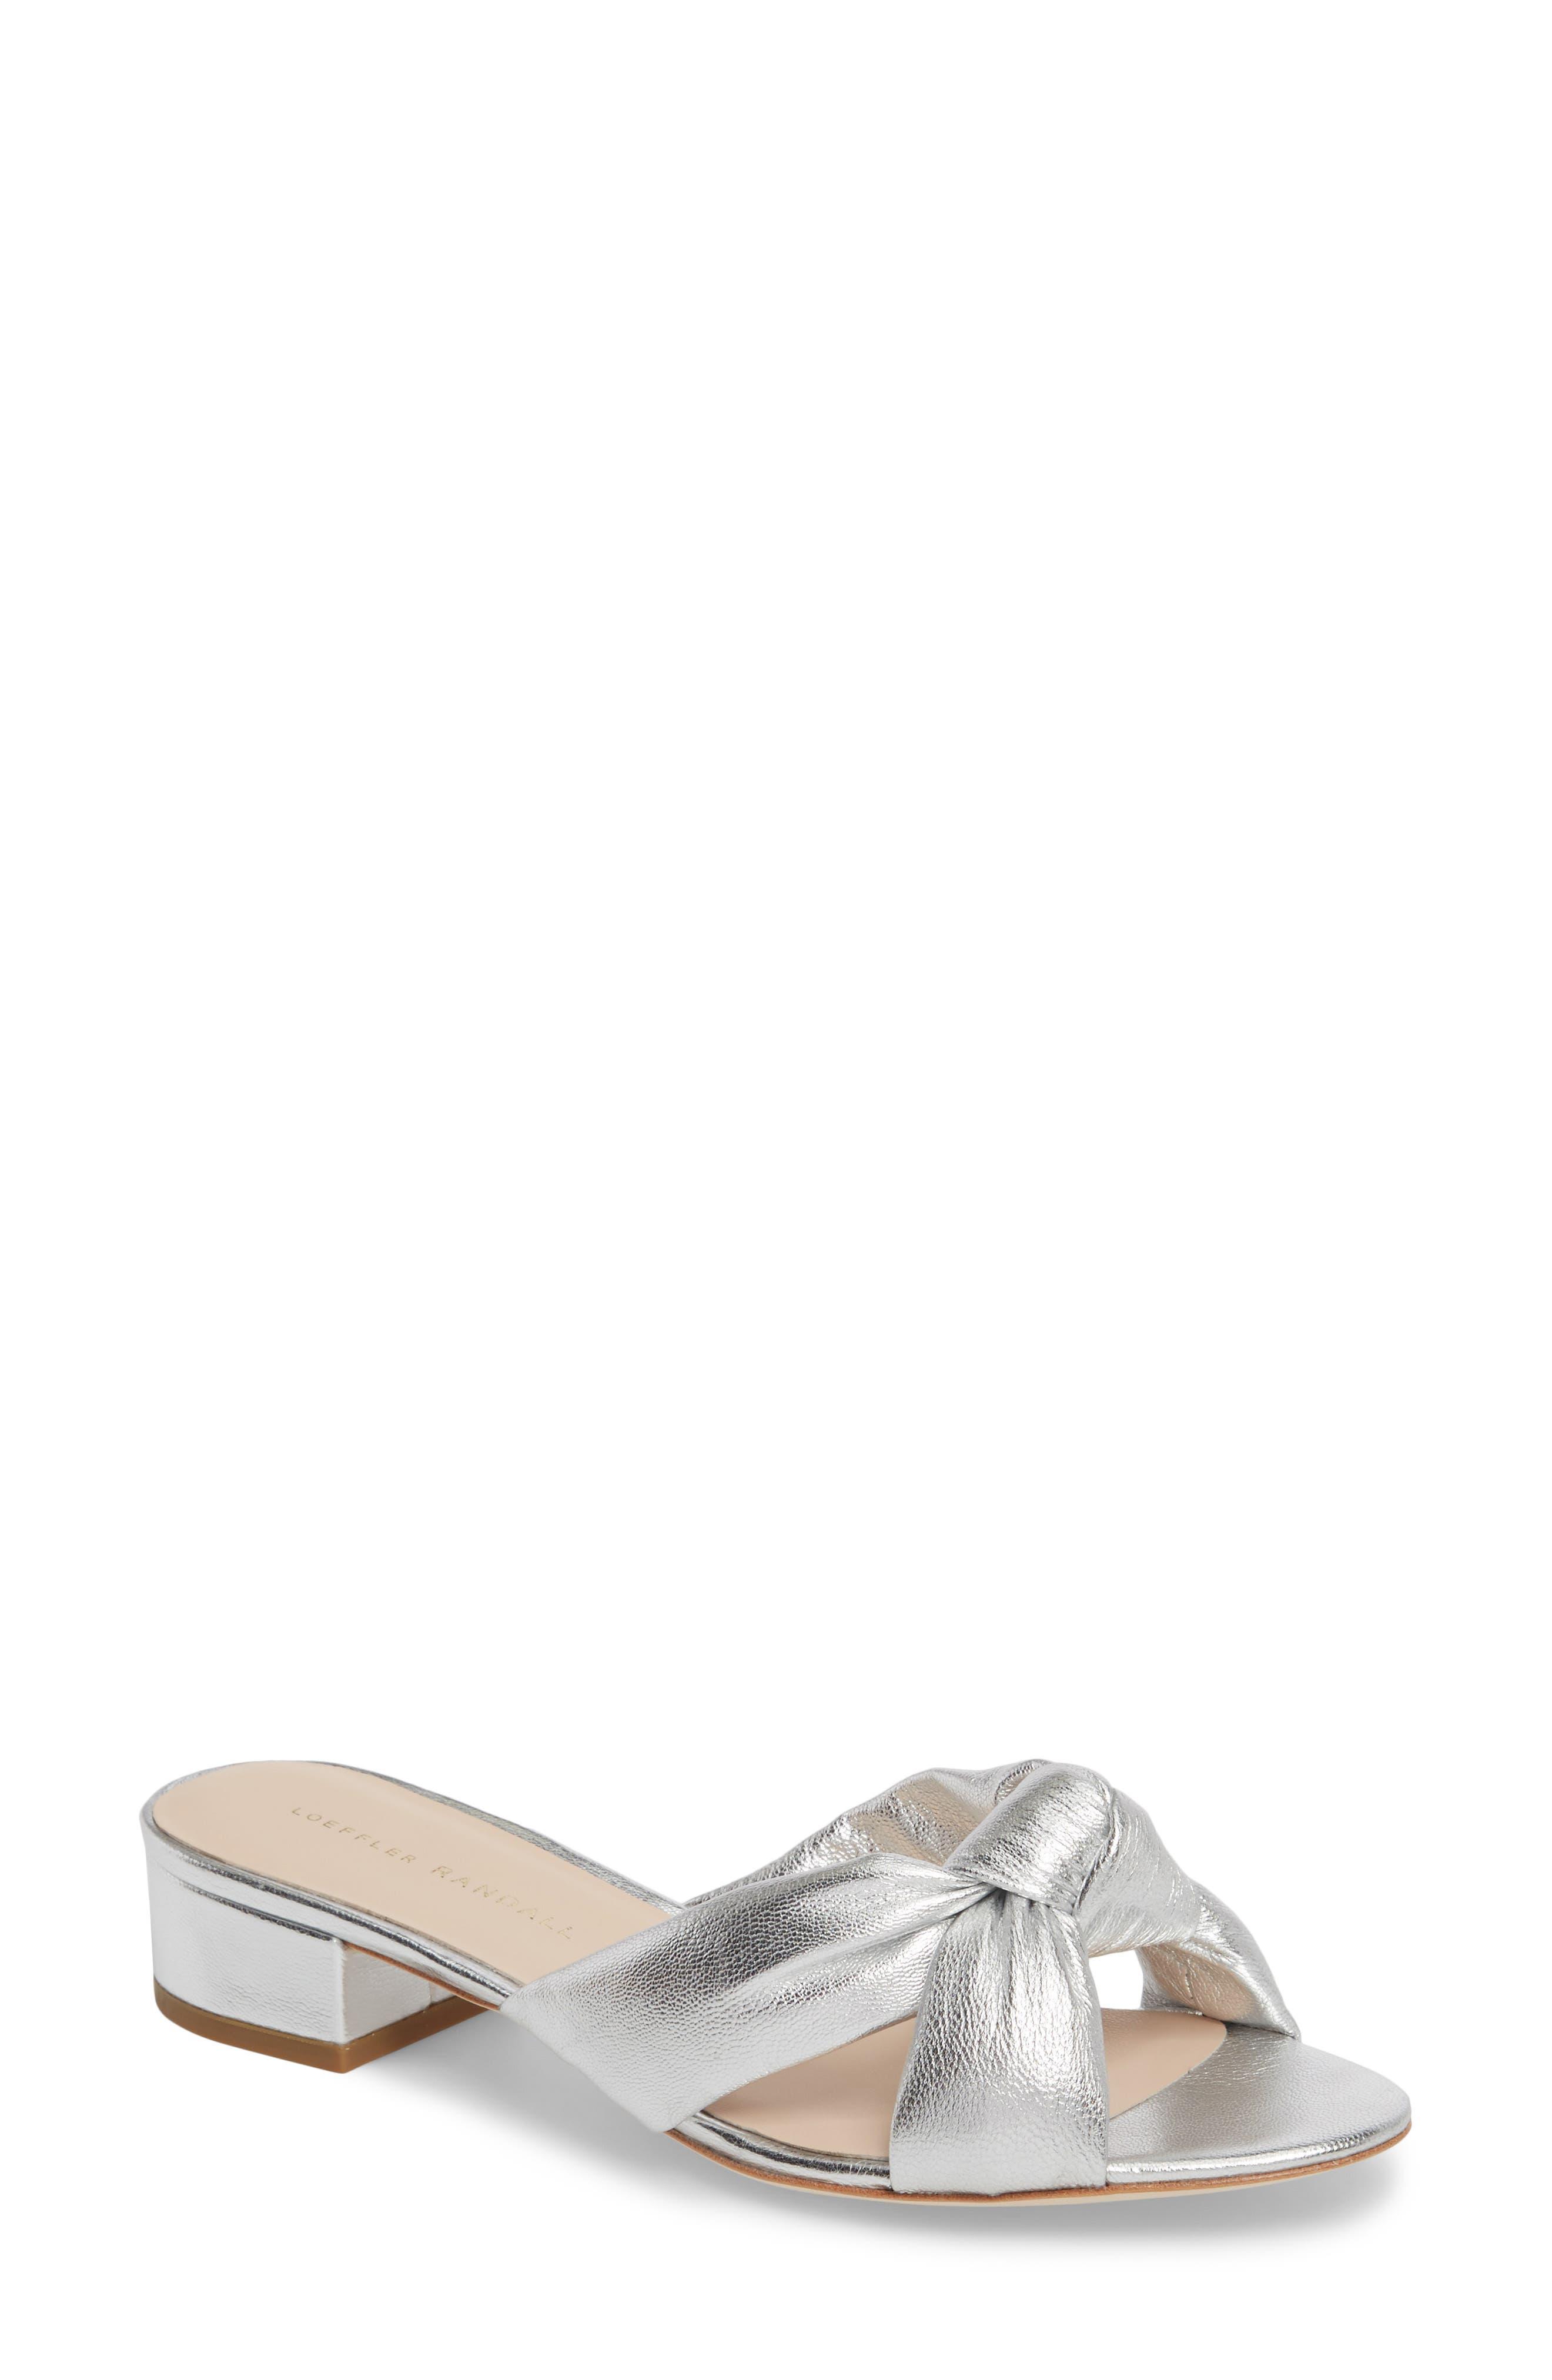 Elsie Knotted Slide Sandal,                         Main,                         color, 040